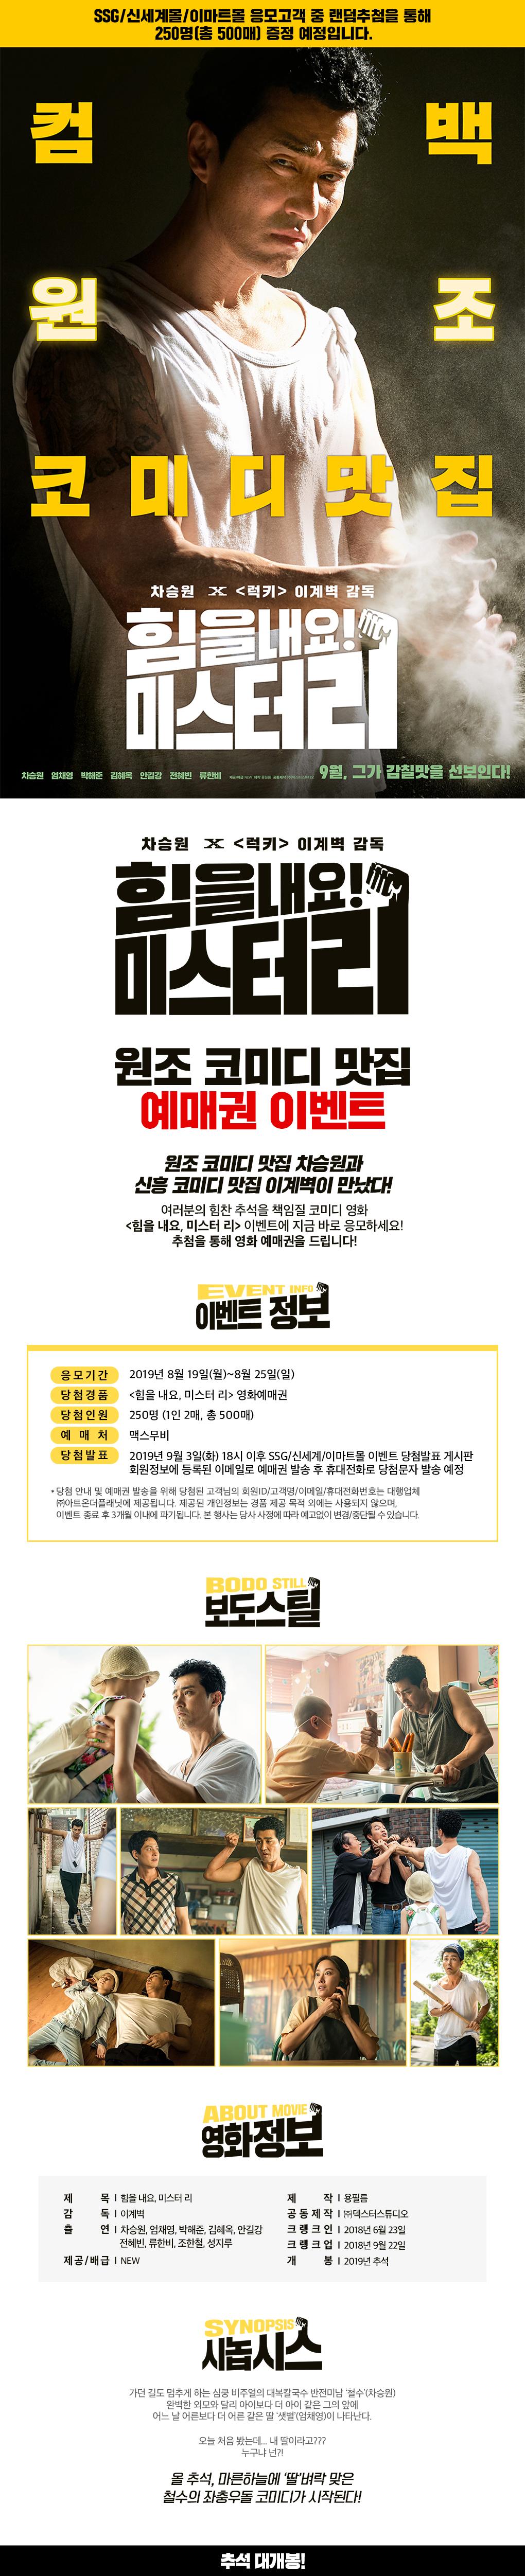 [8월 3주] 힘을 내요, 미스터 리 상세이미지